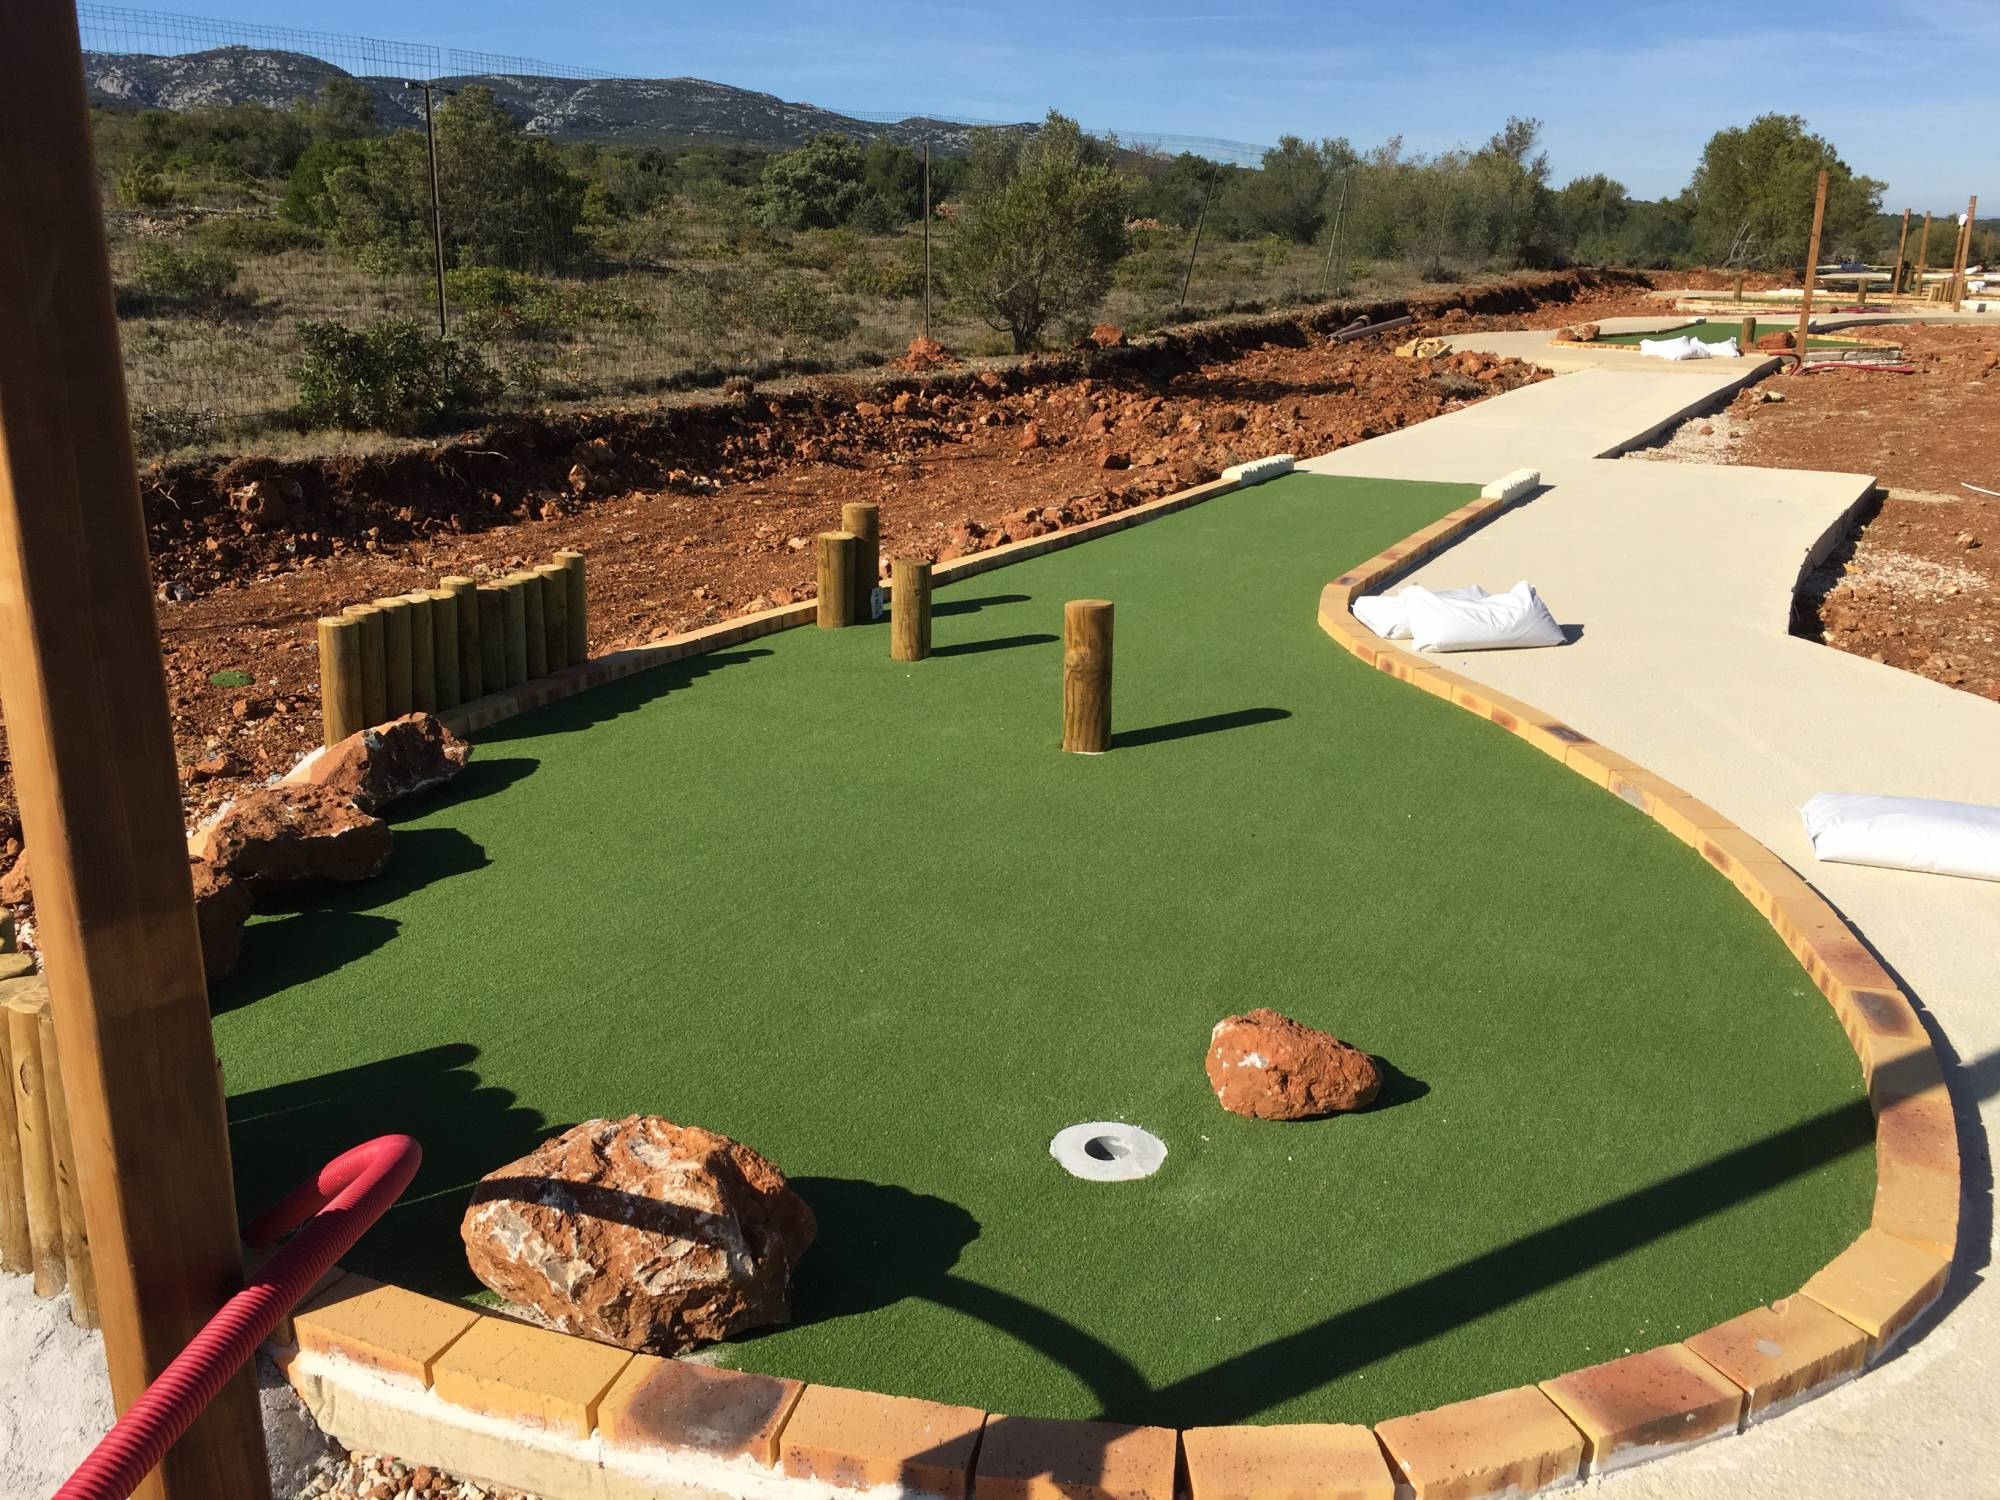 Gazon artificiel pour couvrir des pistes de mini-golf